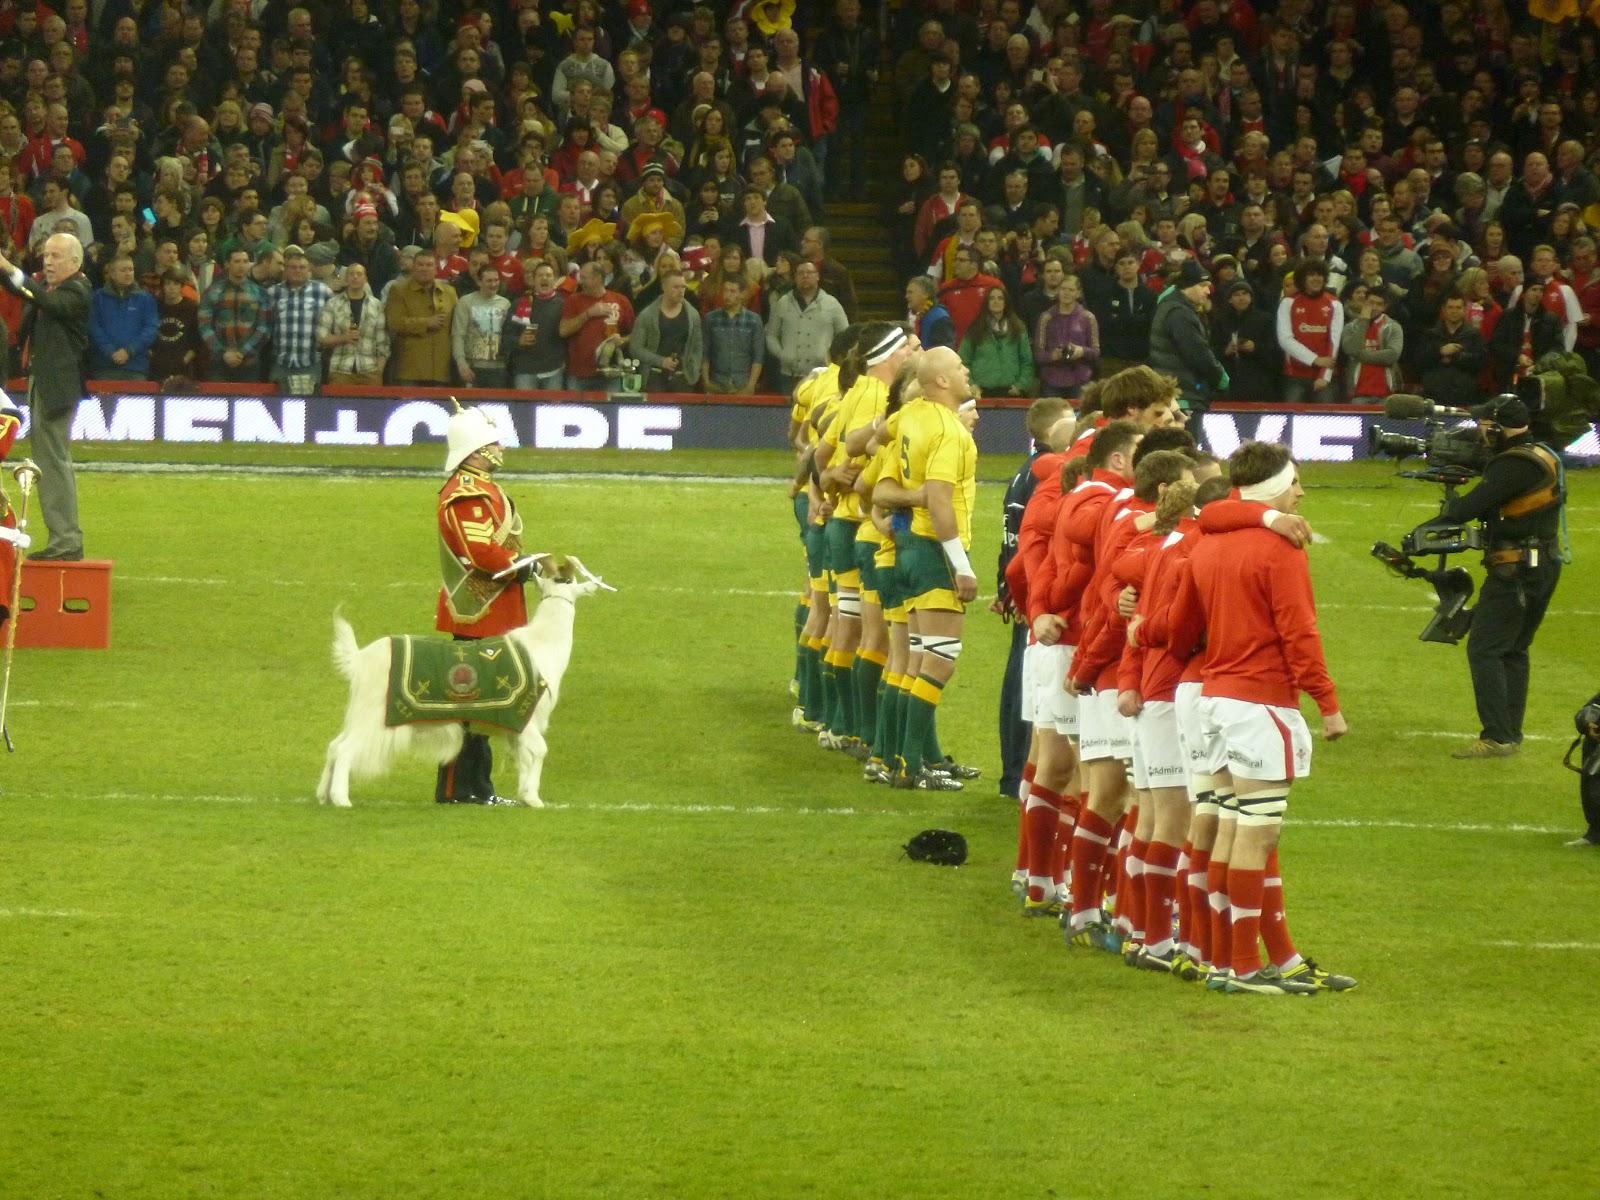 Wales Australia Goat